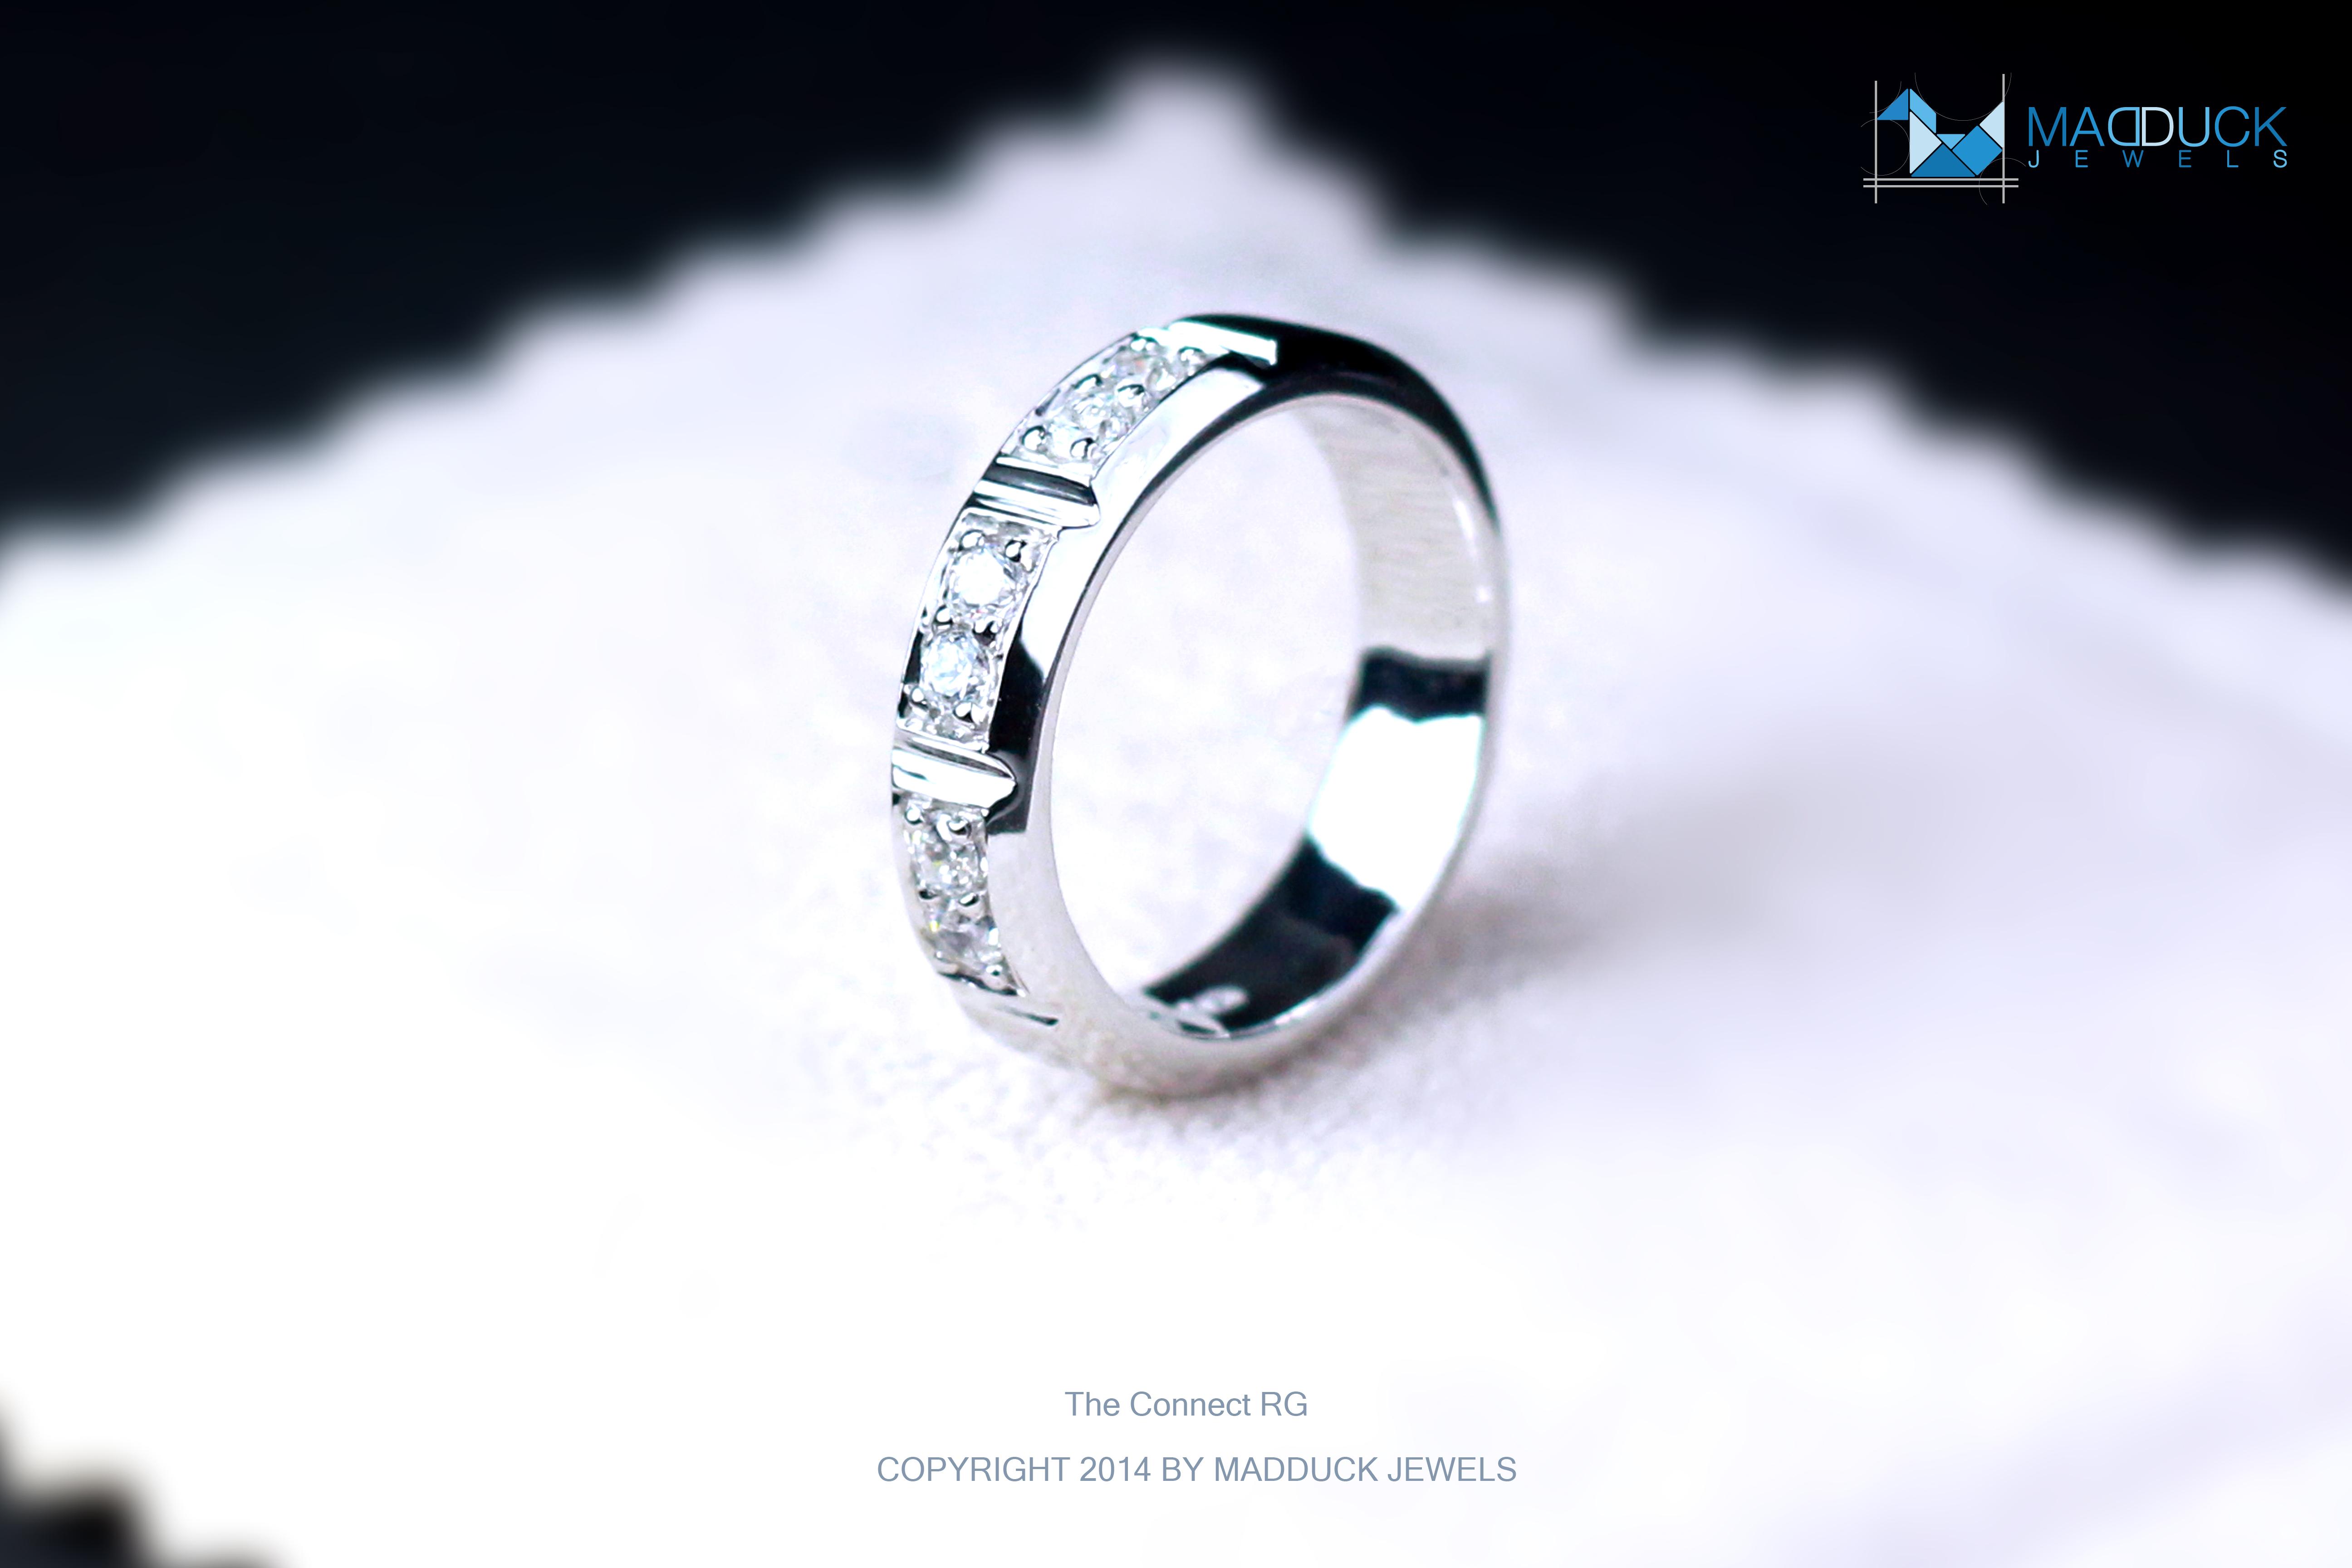 แหวนเงินแท้ เพชรสังเคราะห์ ชุบทองคำขาว รุ่น RG1468 The Connect